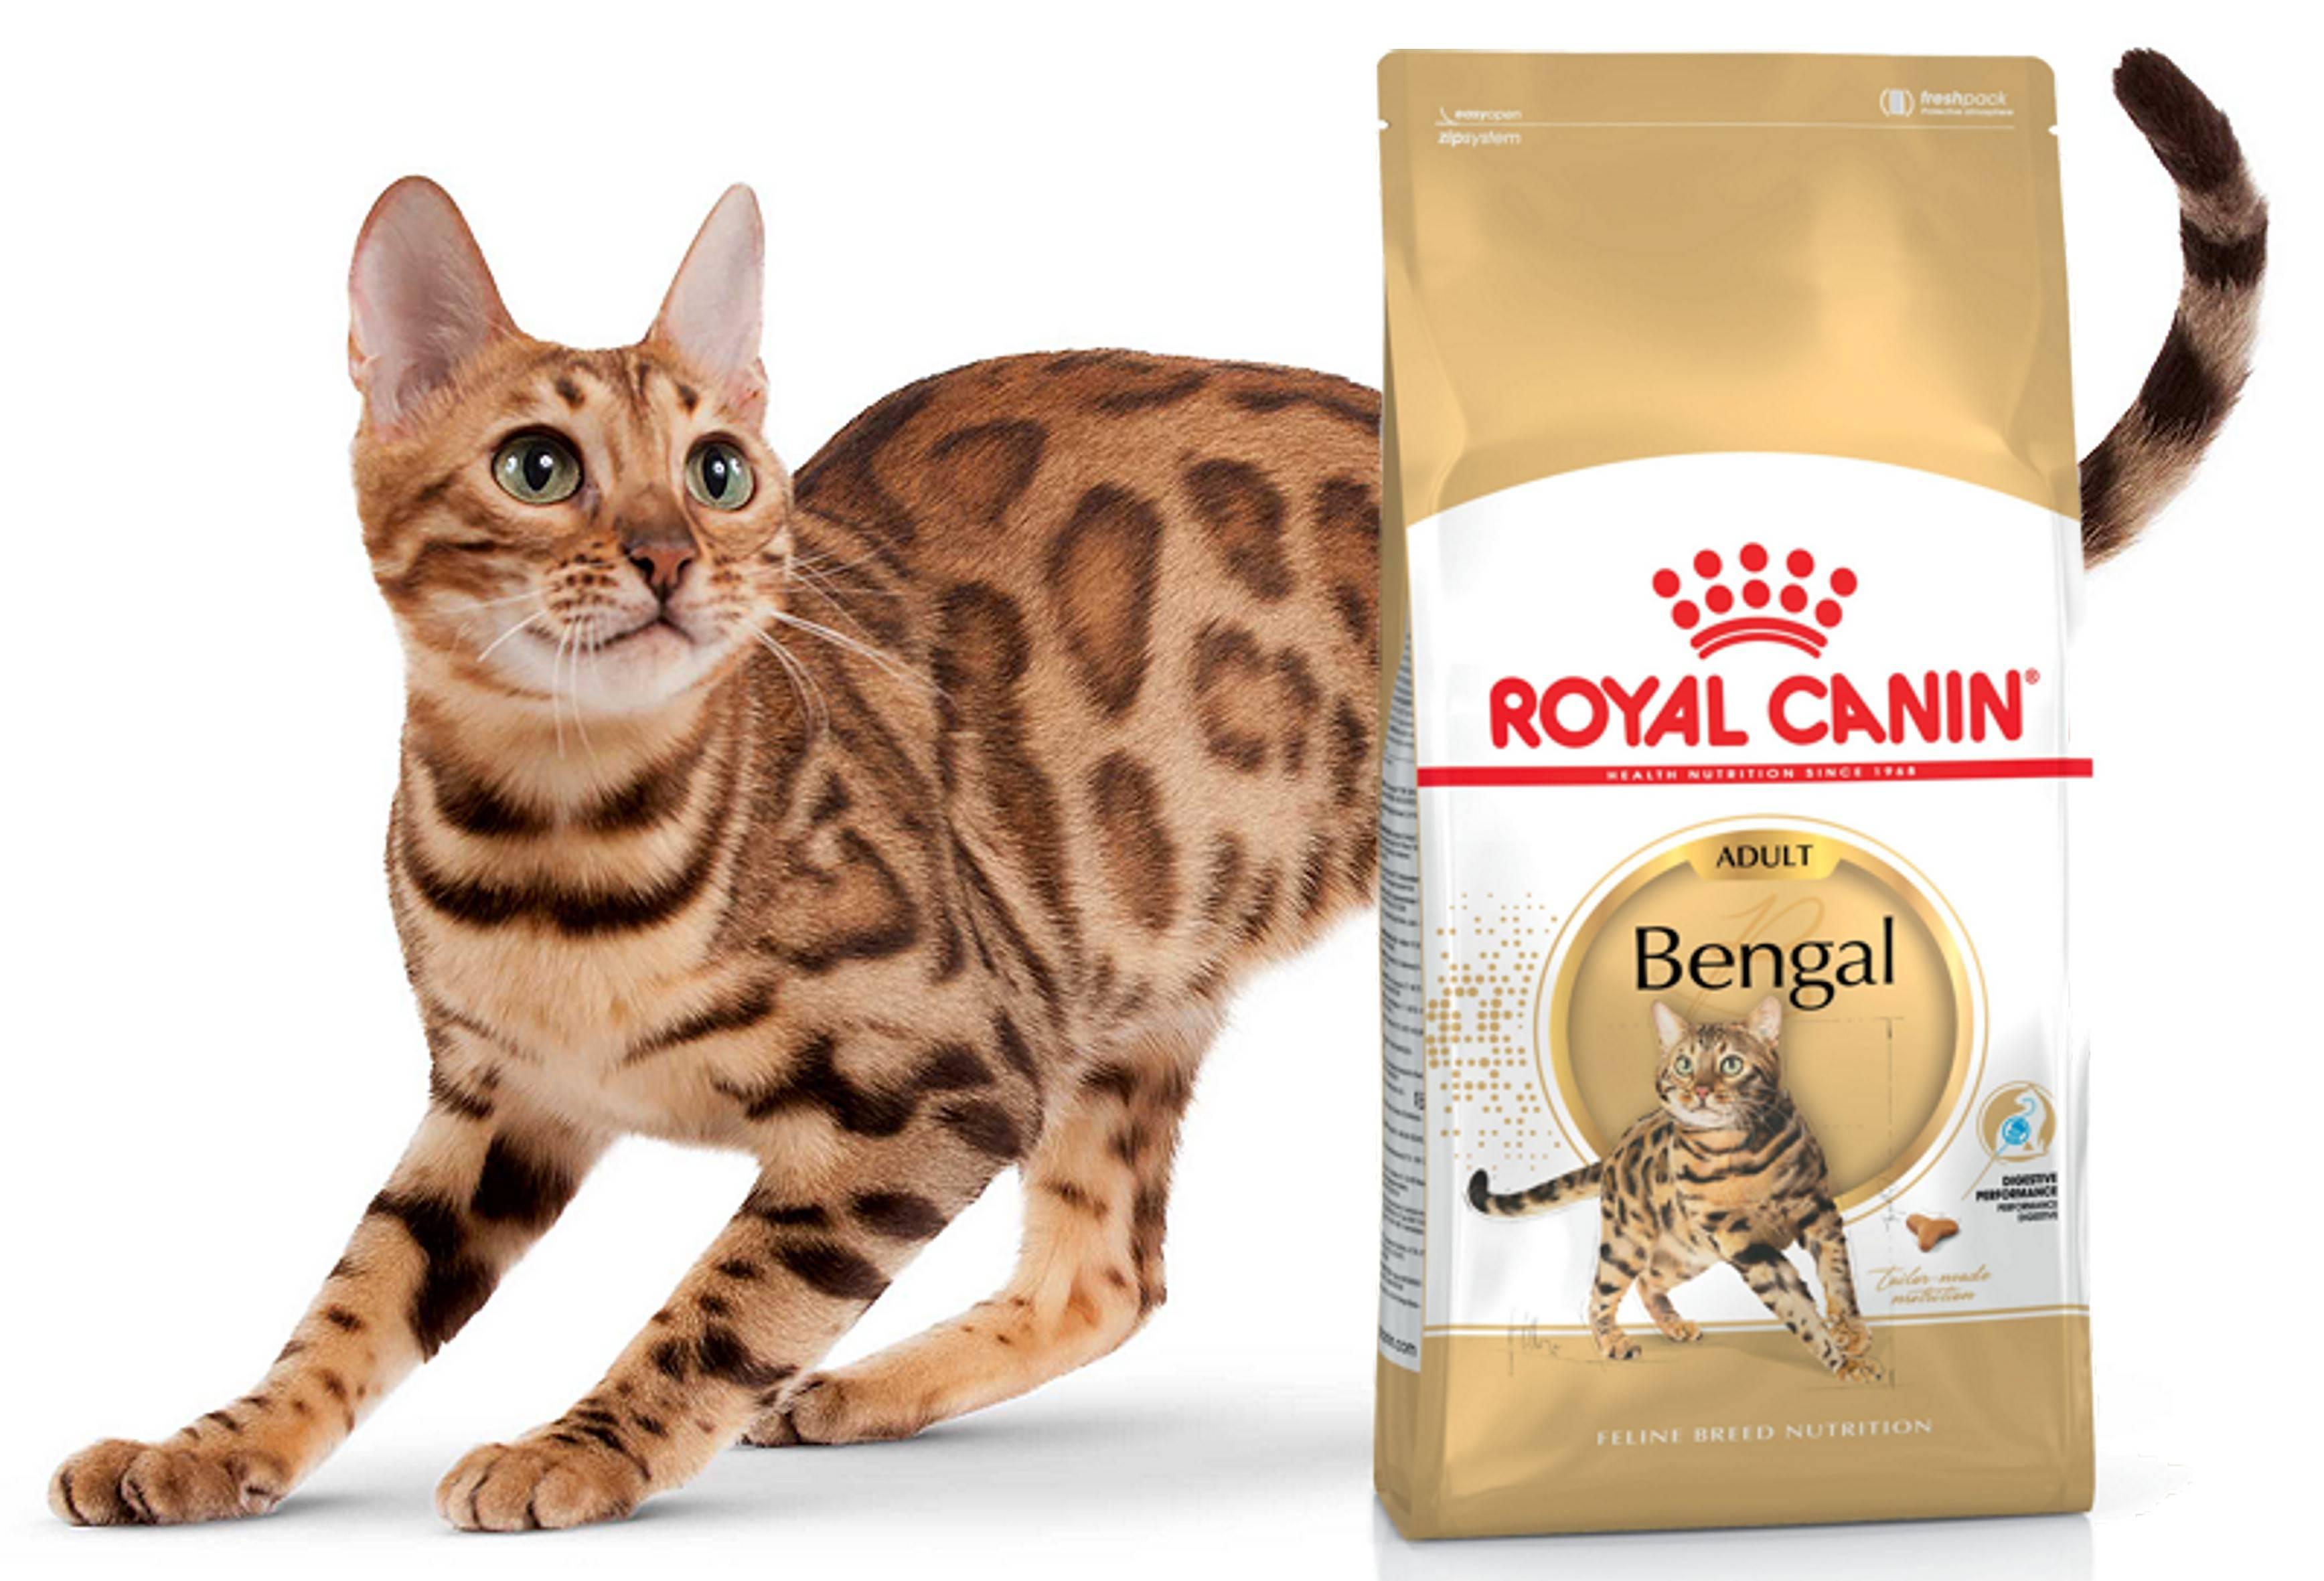 Гипоаллергенный корм для кошек премиум-класса и выше, сухой и влажный: чем кормить котов-аллергиков?